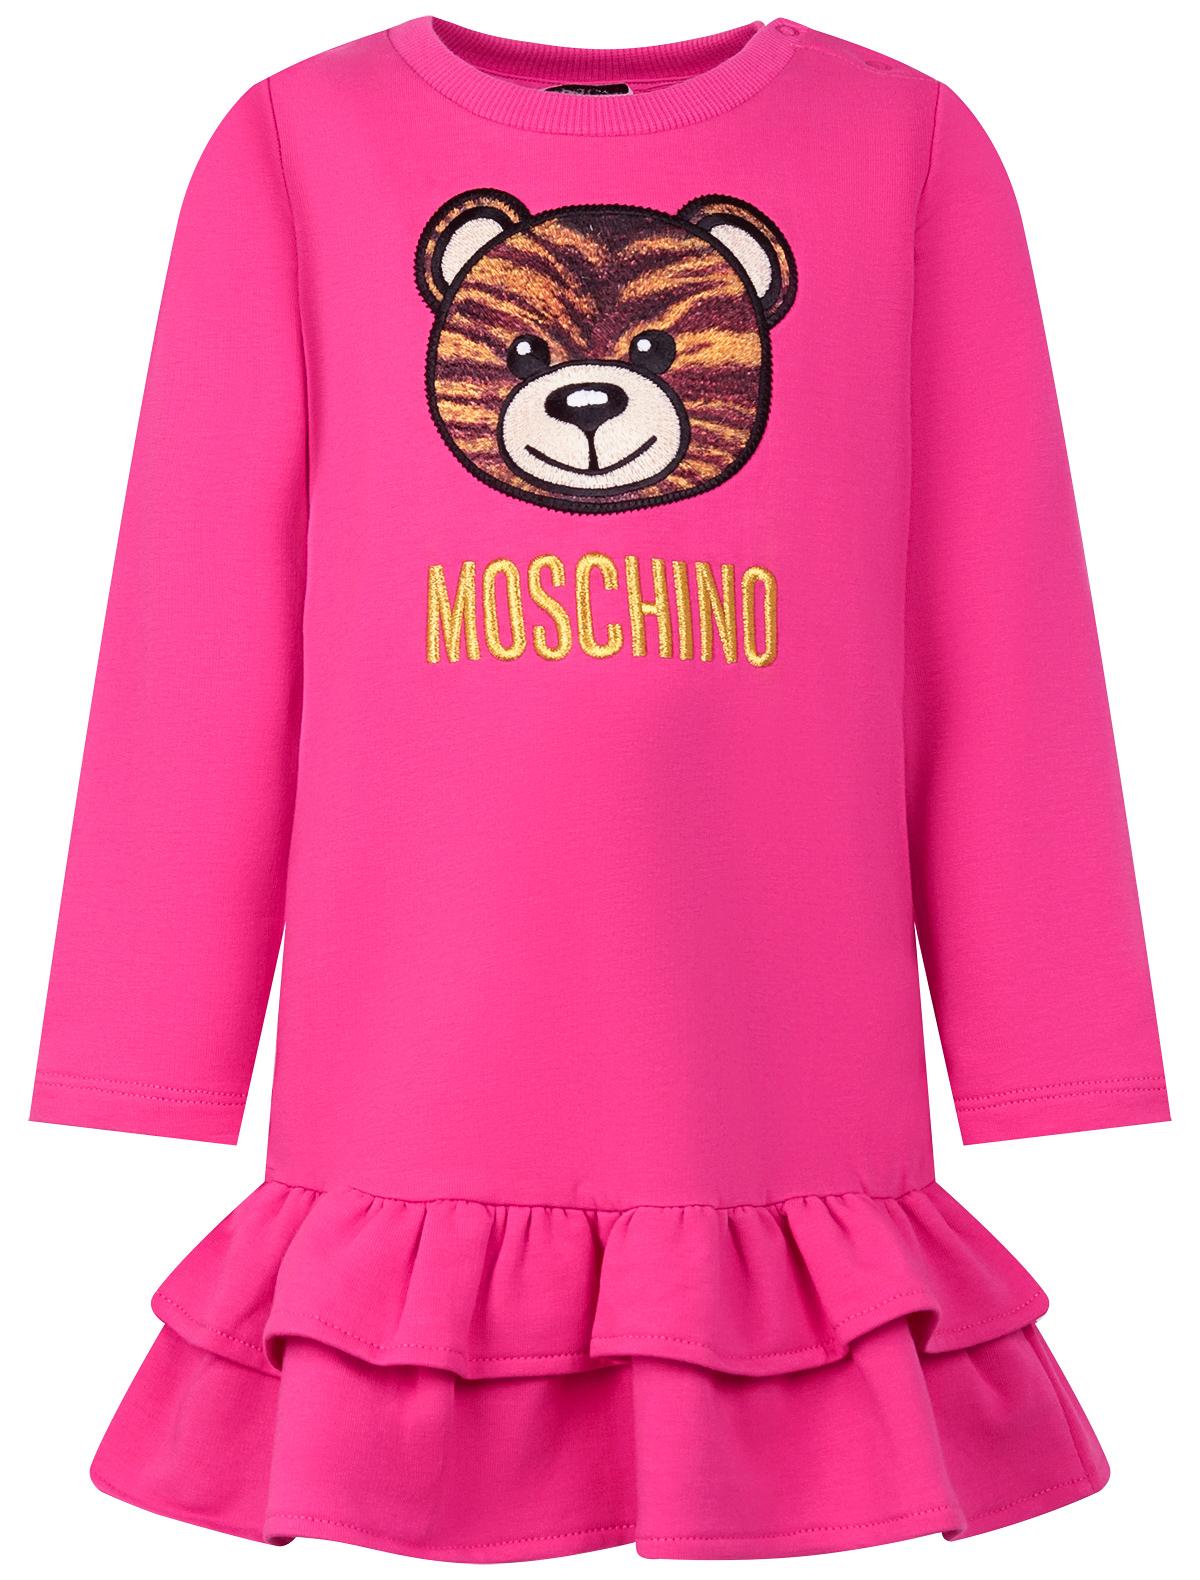 Купить 2232550, Платье Moschino, розовый, Женский, 1054509085944